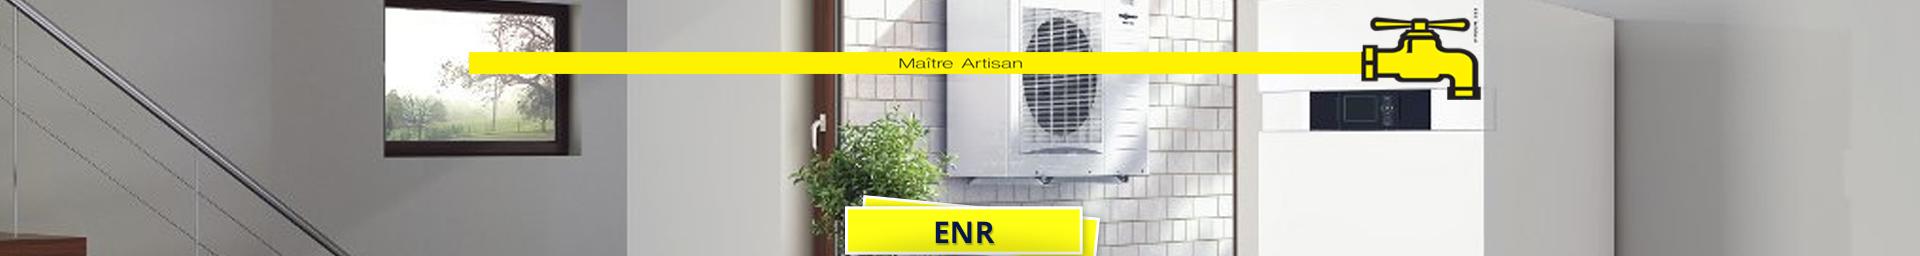 energies renouvelables à Craon, Cossé le Vivien, Loiron, La Gravelle, la Baconnière, Andouillé ou Ernée